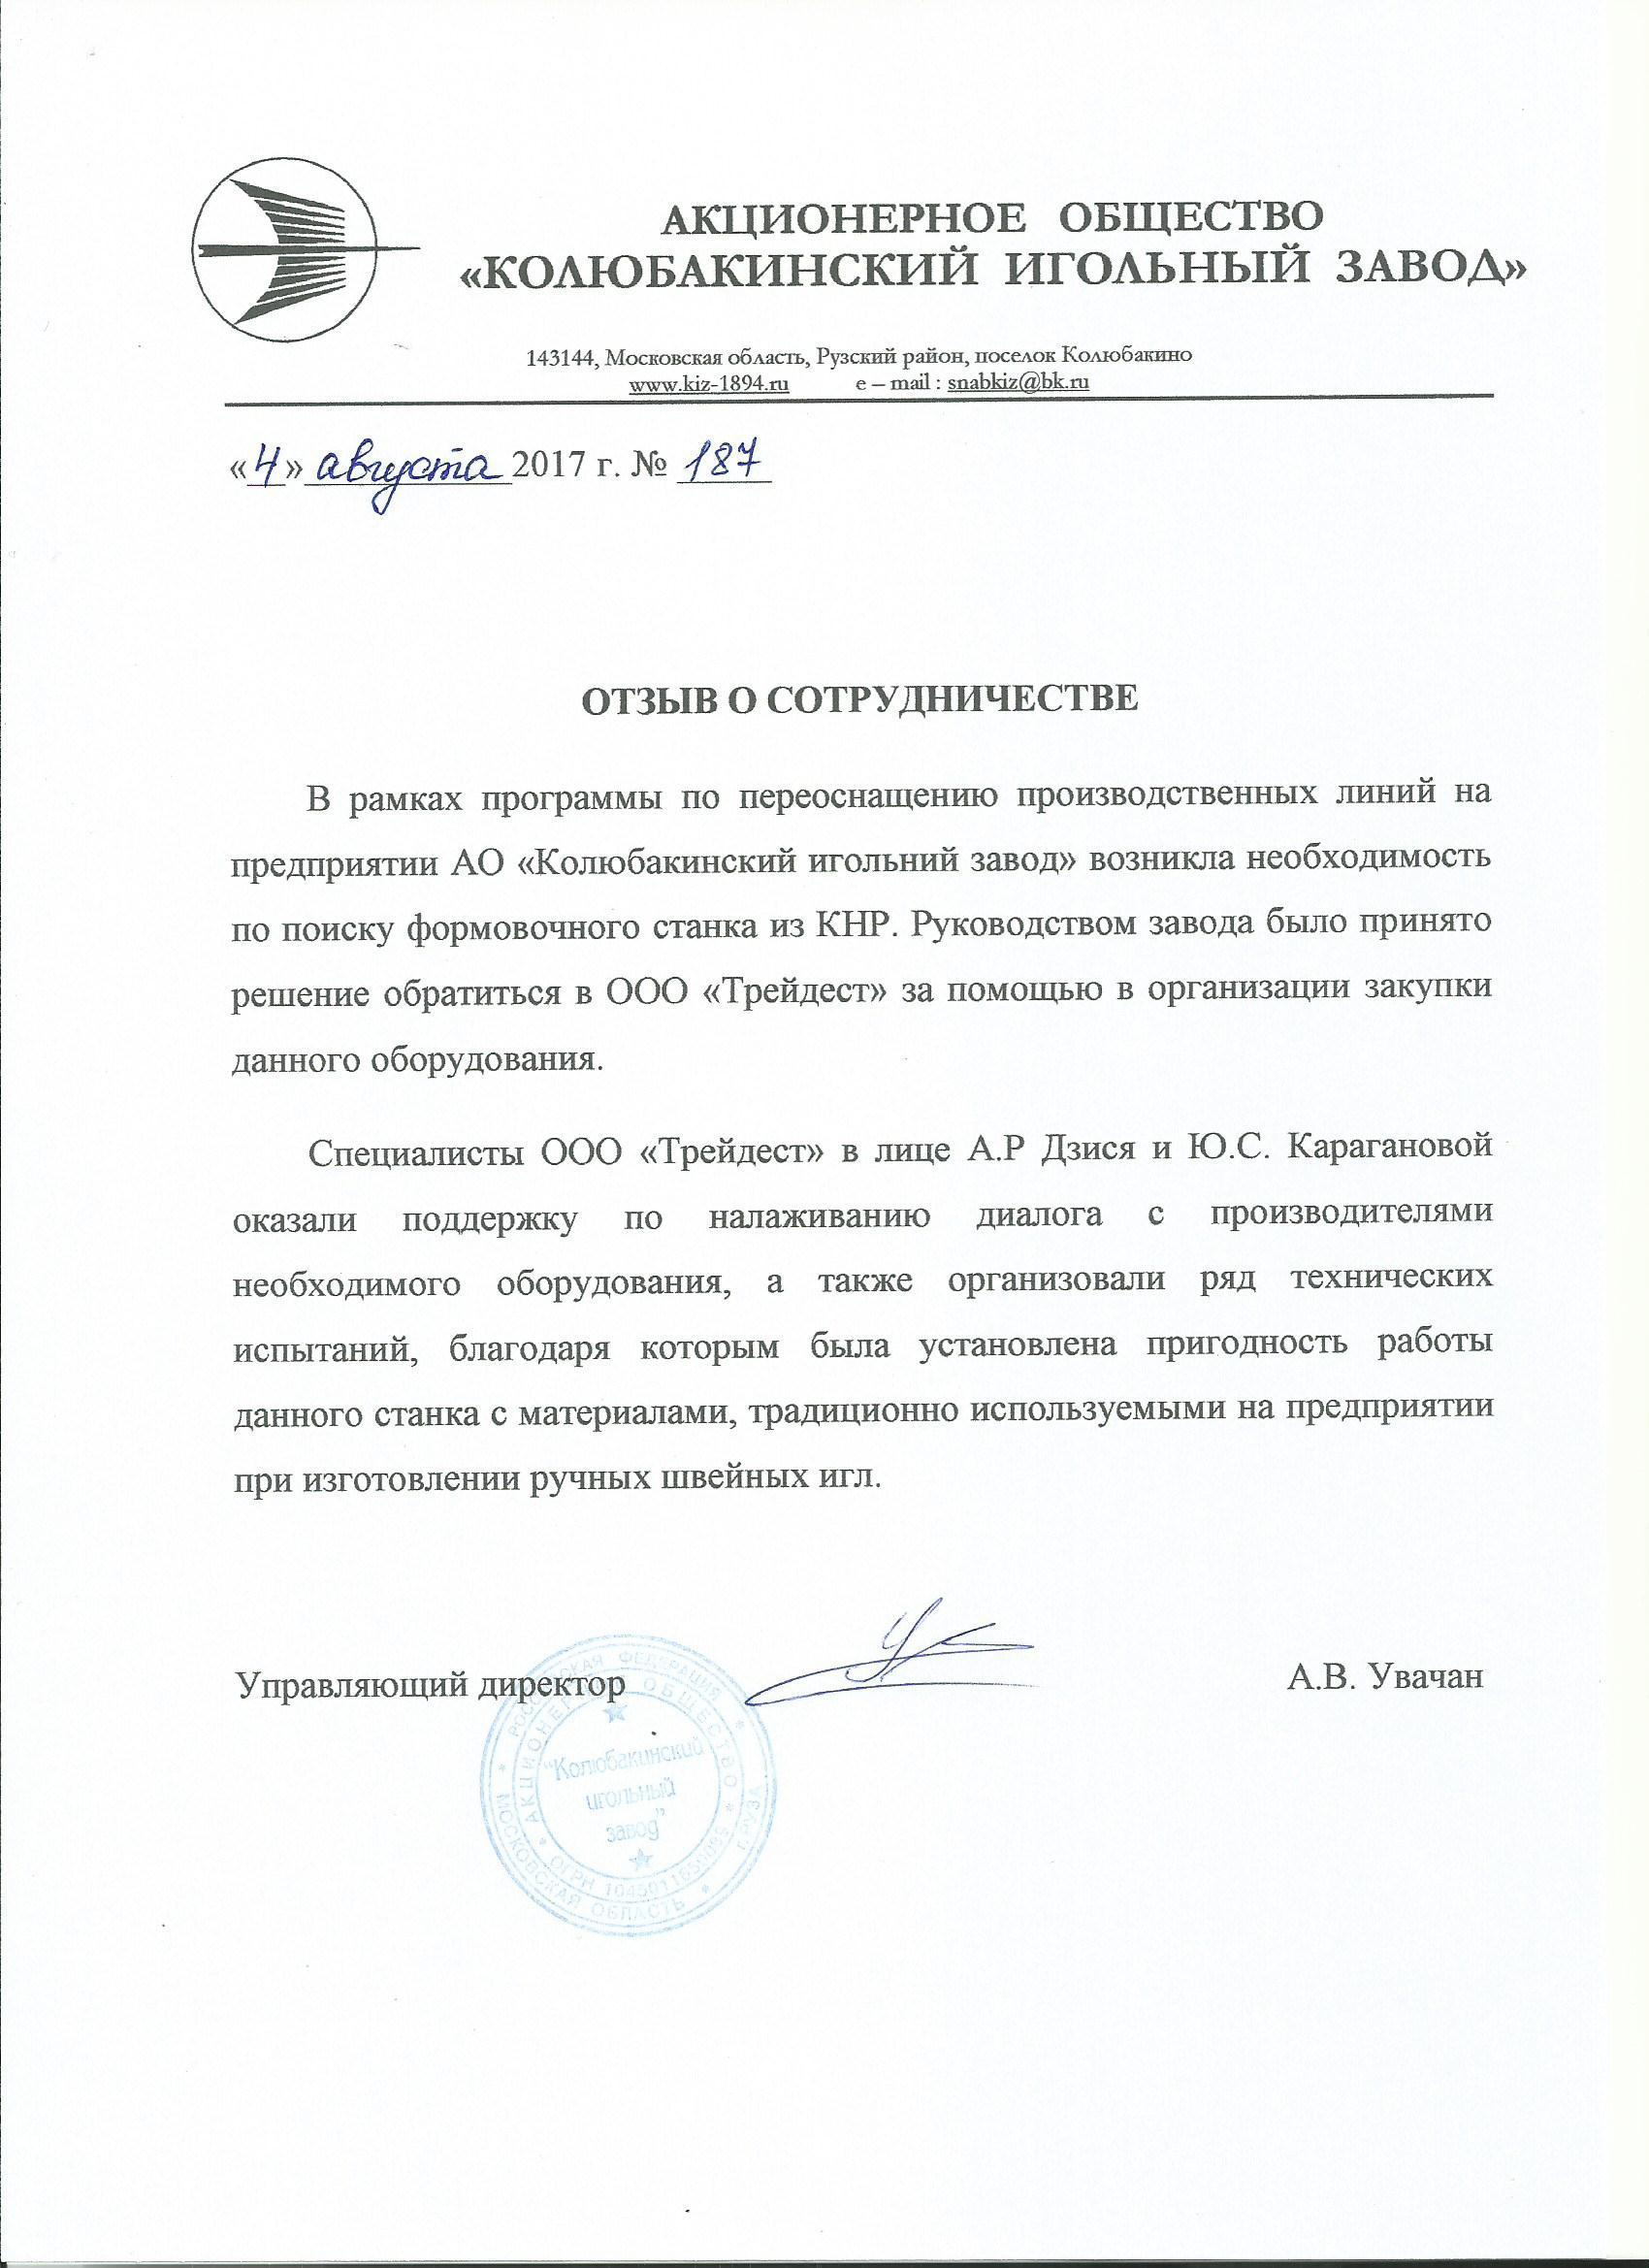 договор на производство продукции с товарным знаком заказчика